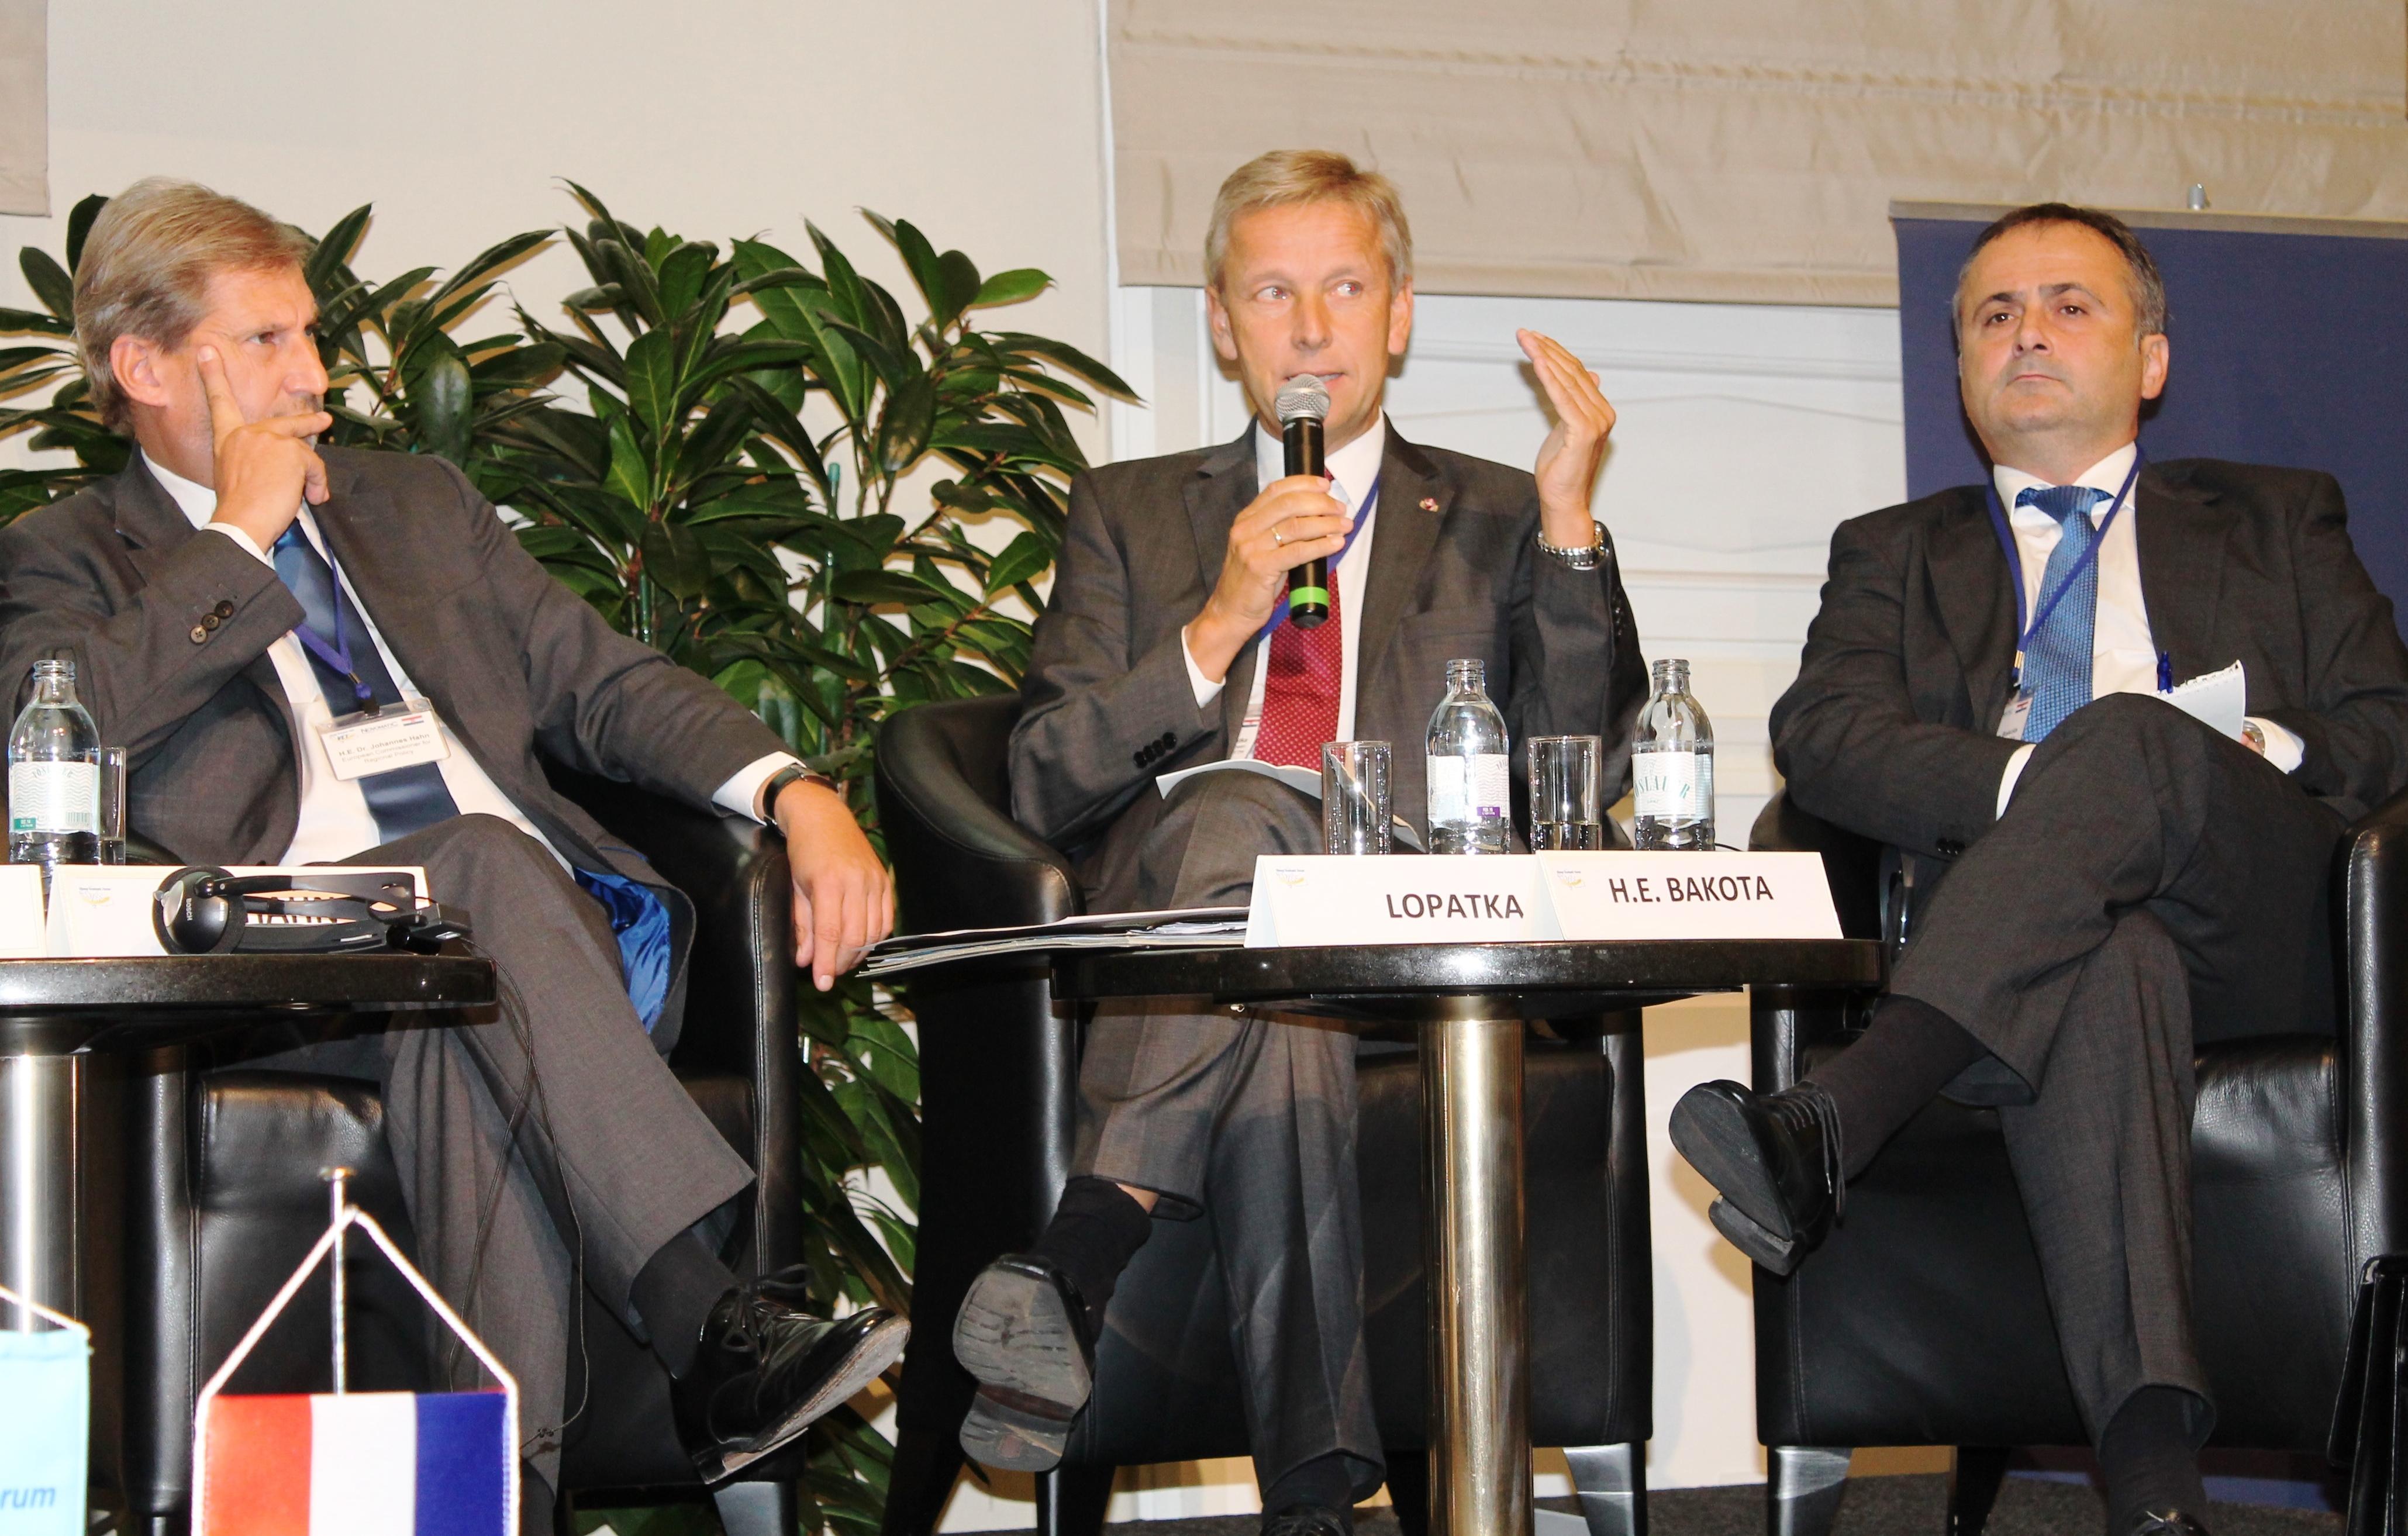 (c)BMeiA, StS Lopatka, EU-Kommissar Hahn, Kroatische Botschafter Bakota